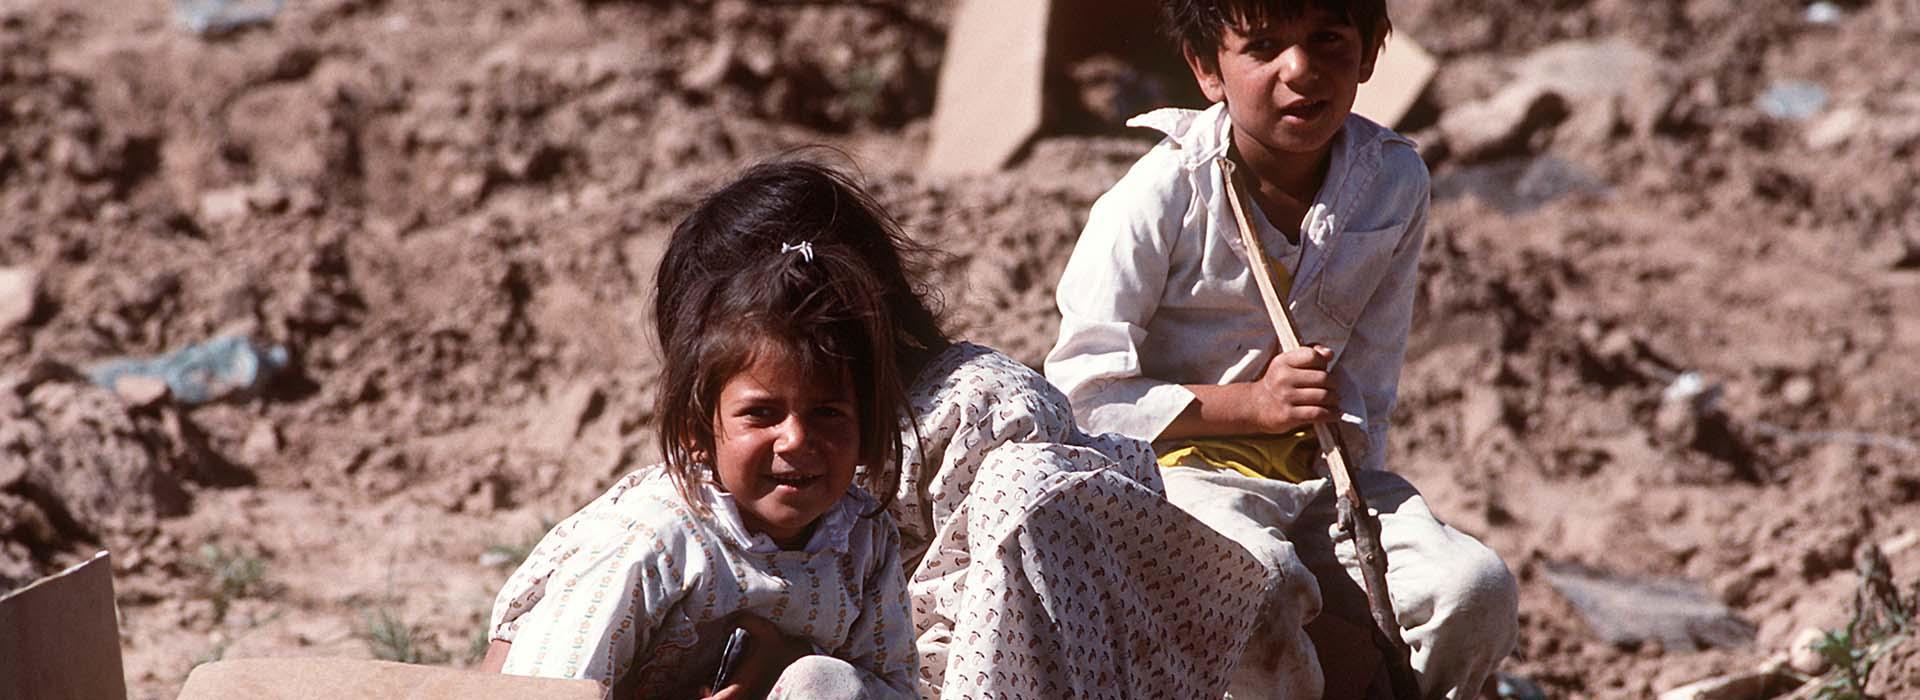 Bereits Saddam Hussein verfolgte und ermordete Kurden.